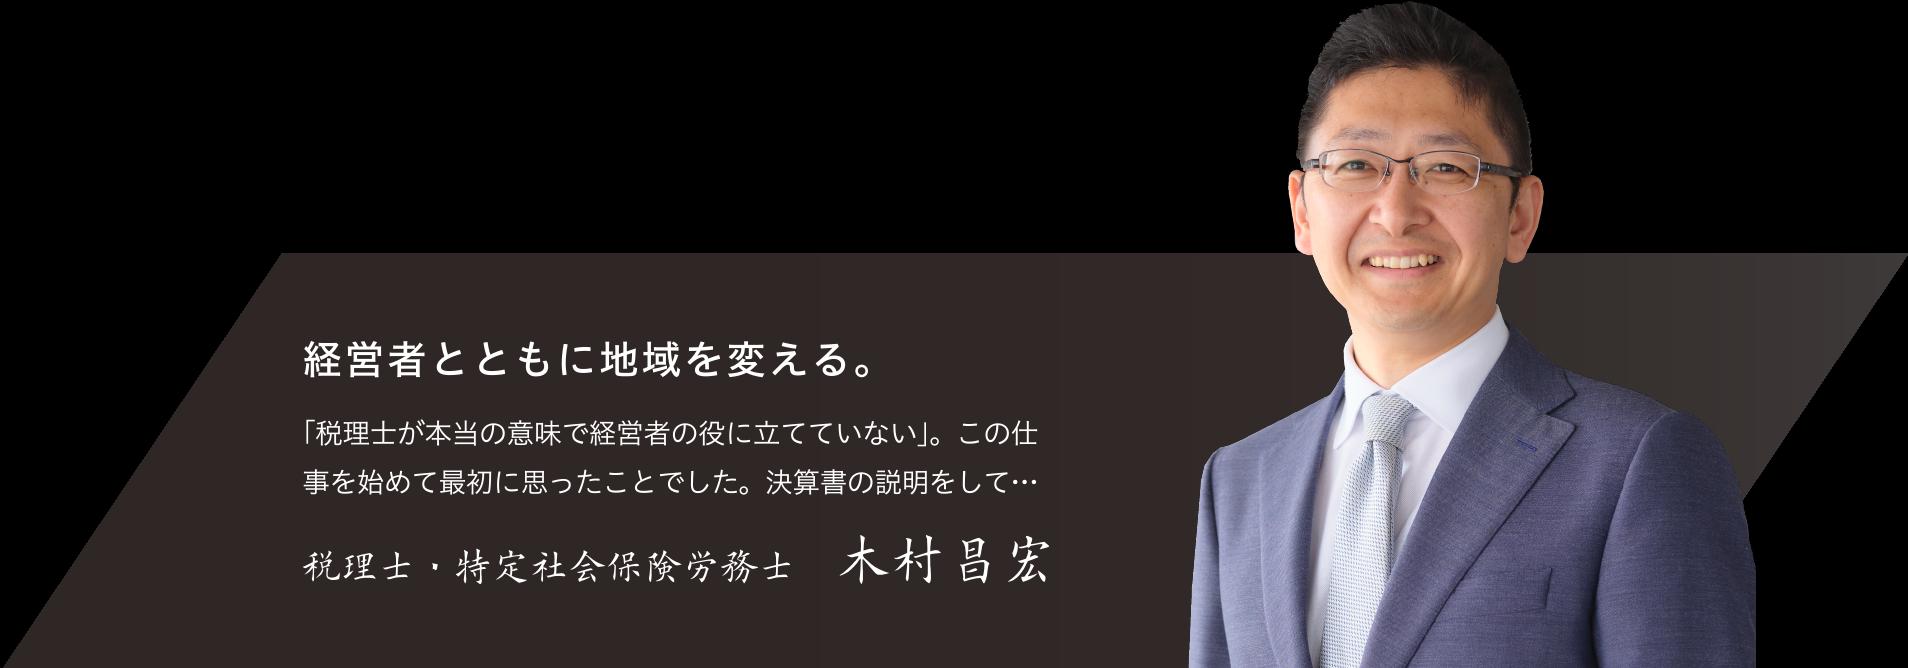 税理士・特定社会保険労務士 木村昌宏